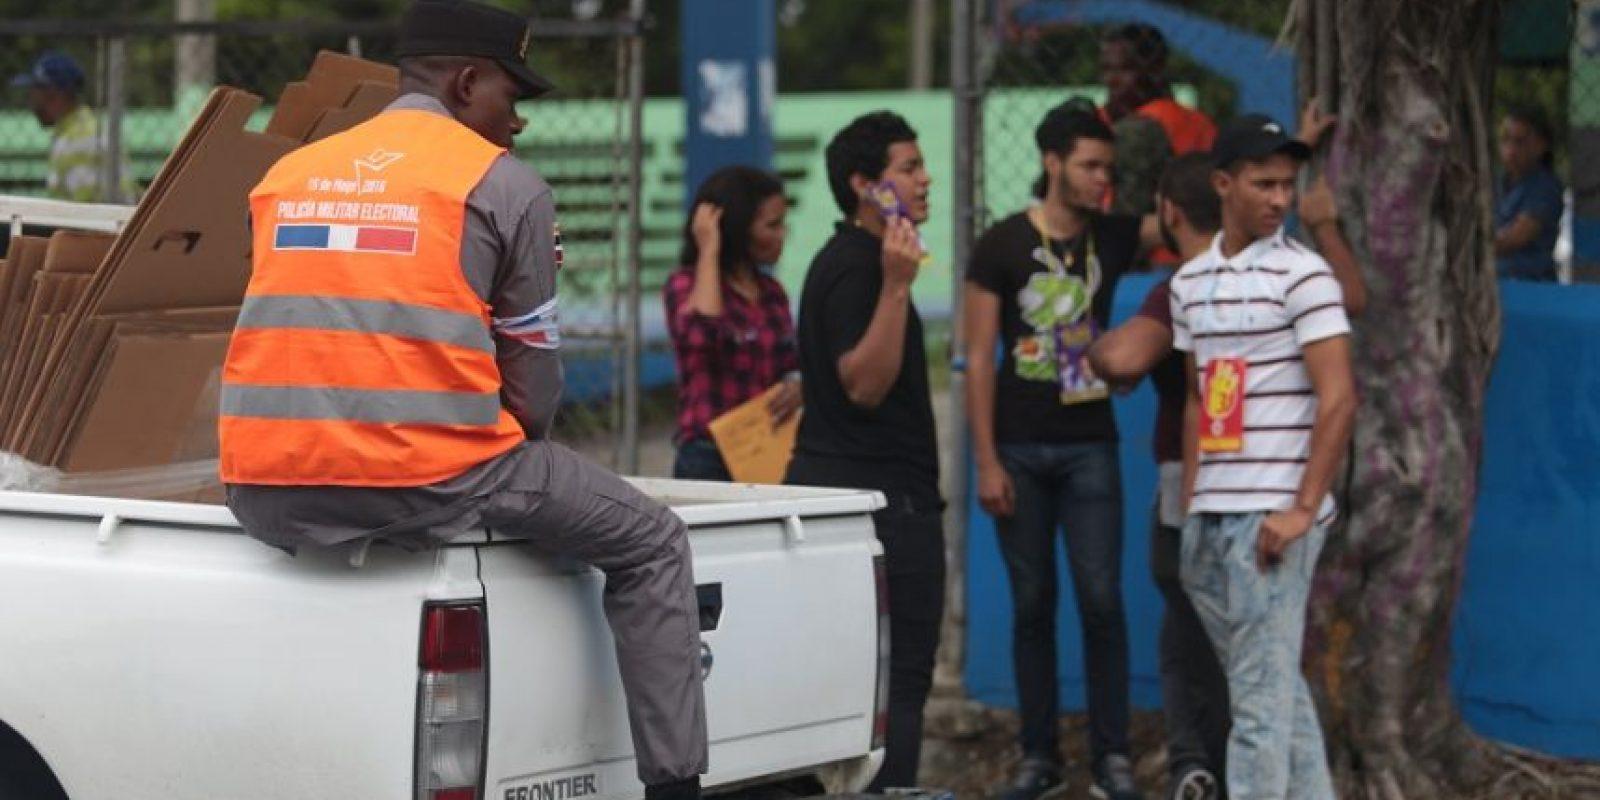 """Aunque la propaganda cerró el viernes, los partidos como siempre se las ingeniaron para promover candidaturas con el manido recurso de los """"delegados"""" en las afueras de los colegios. Foto:Roberto Guzmán"""